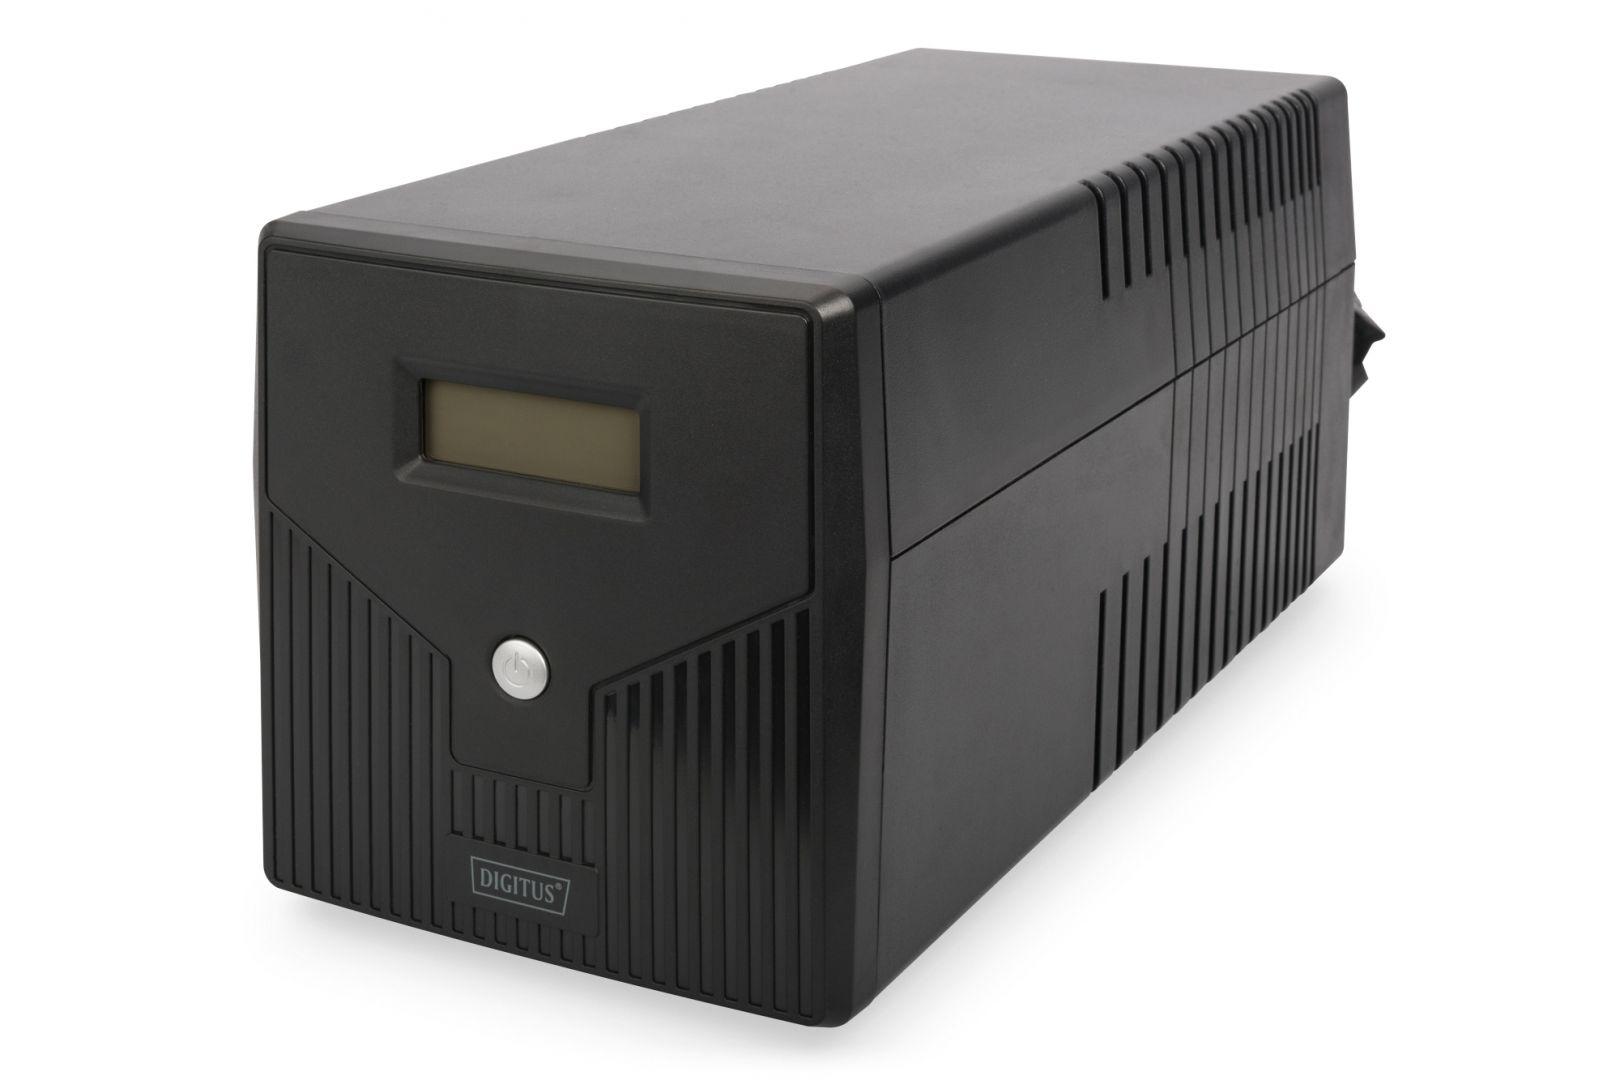 Digitus Line-Interactive UPS, 2000VA/1200W (DN-170076)